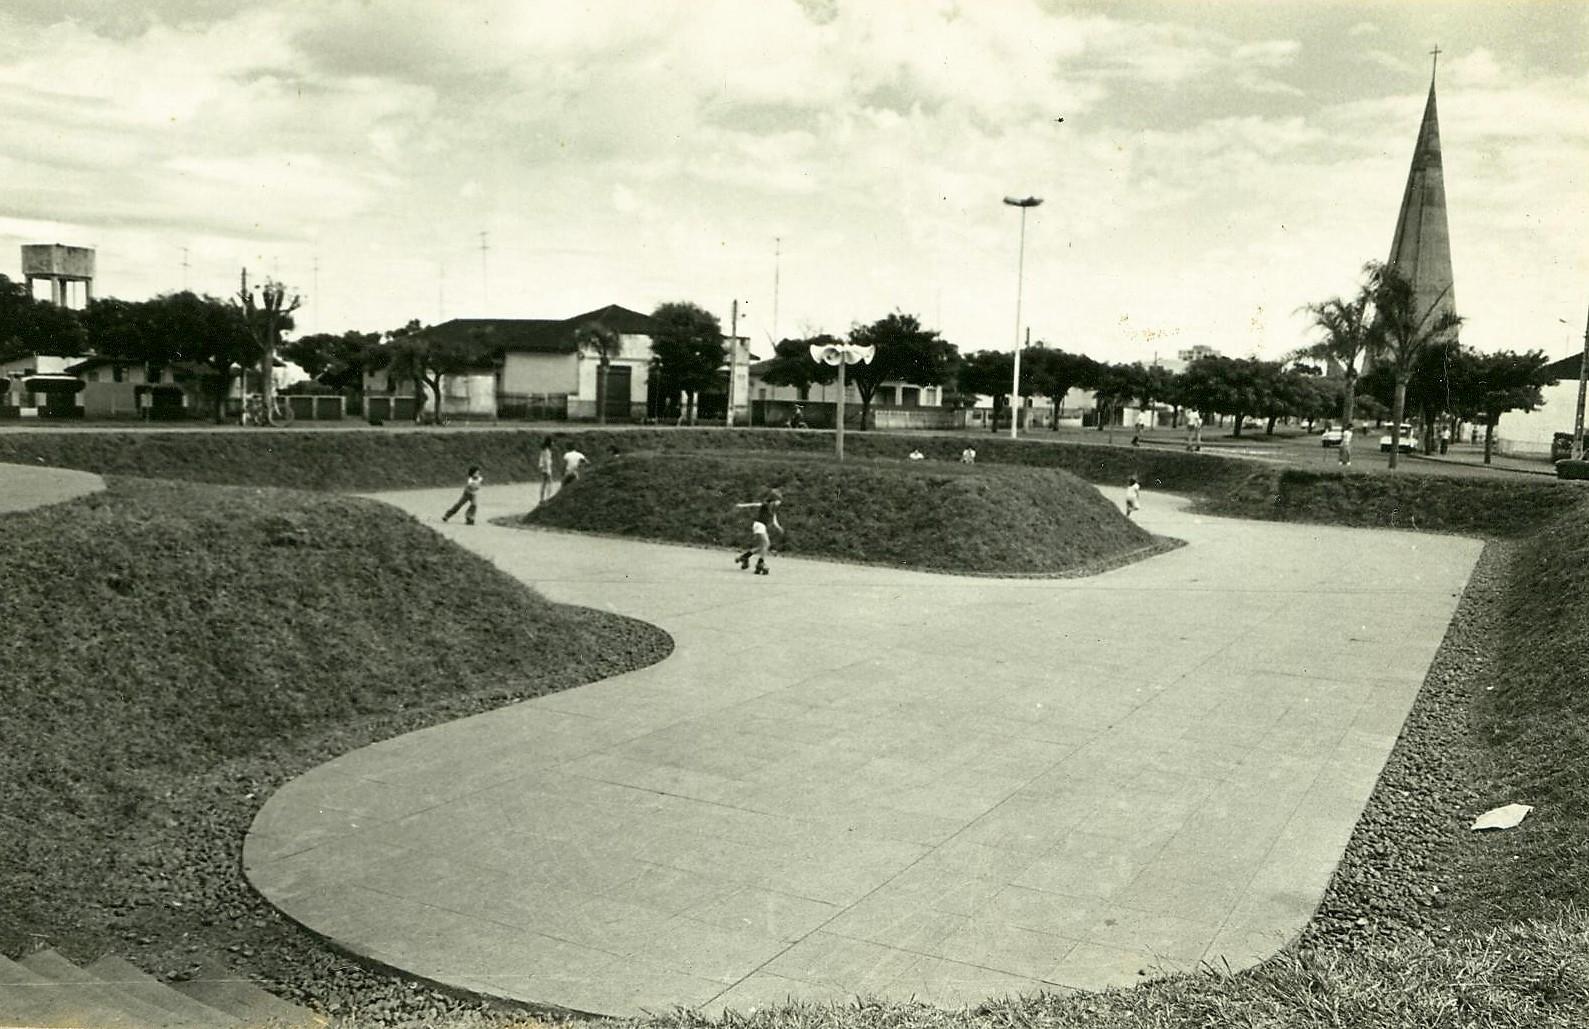 Praça Pedro Álvares Cabral - Início dos anos 1980